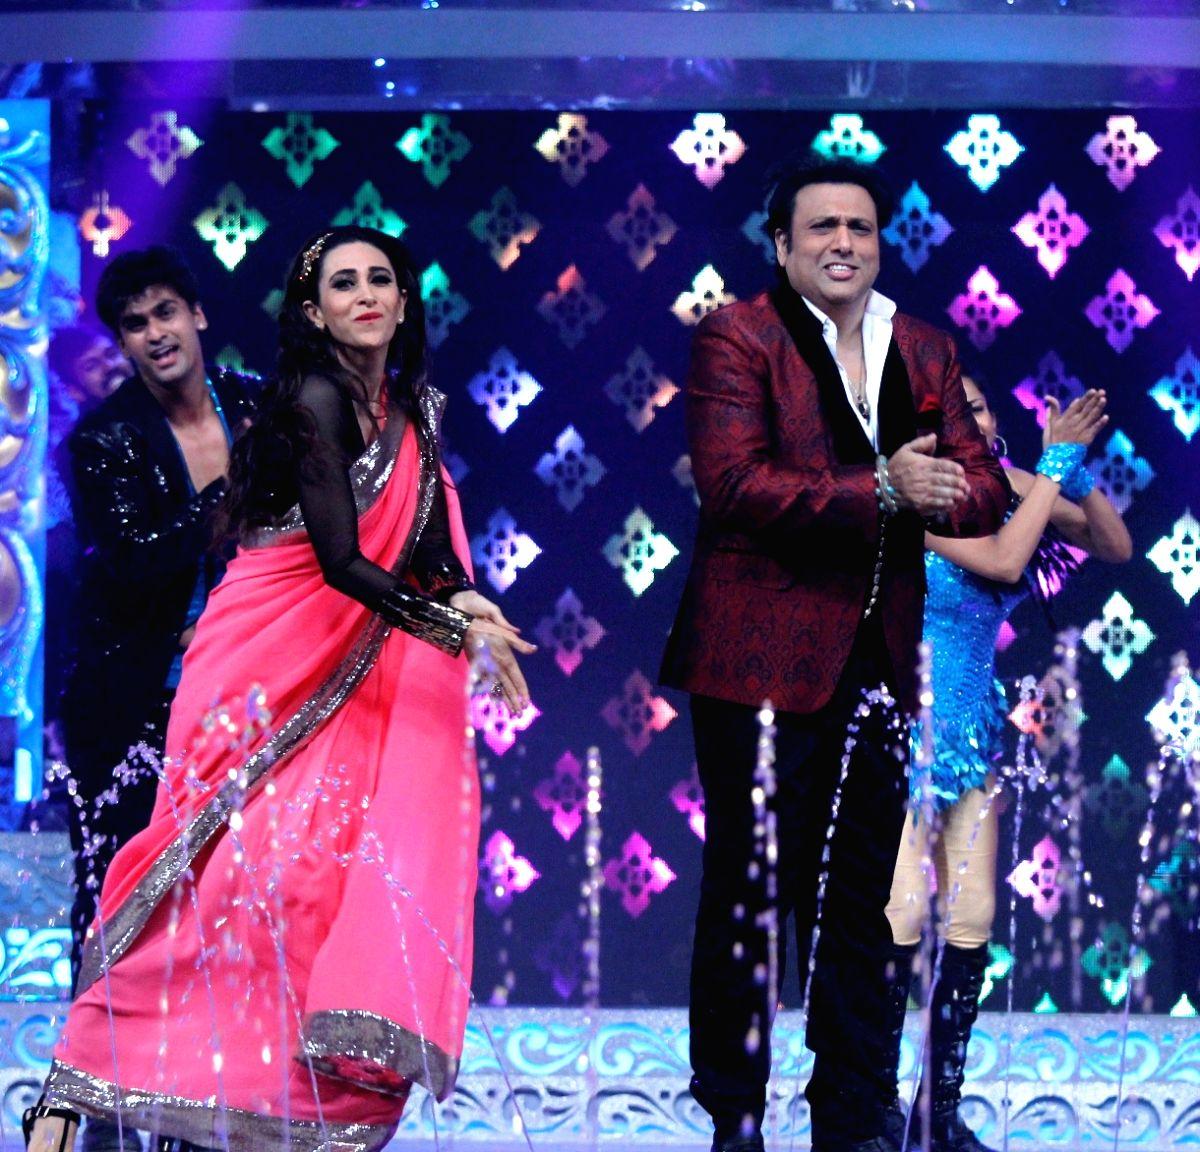 Actors Govinda and Karishma Kapoor